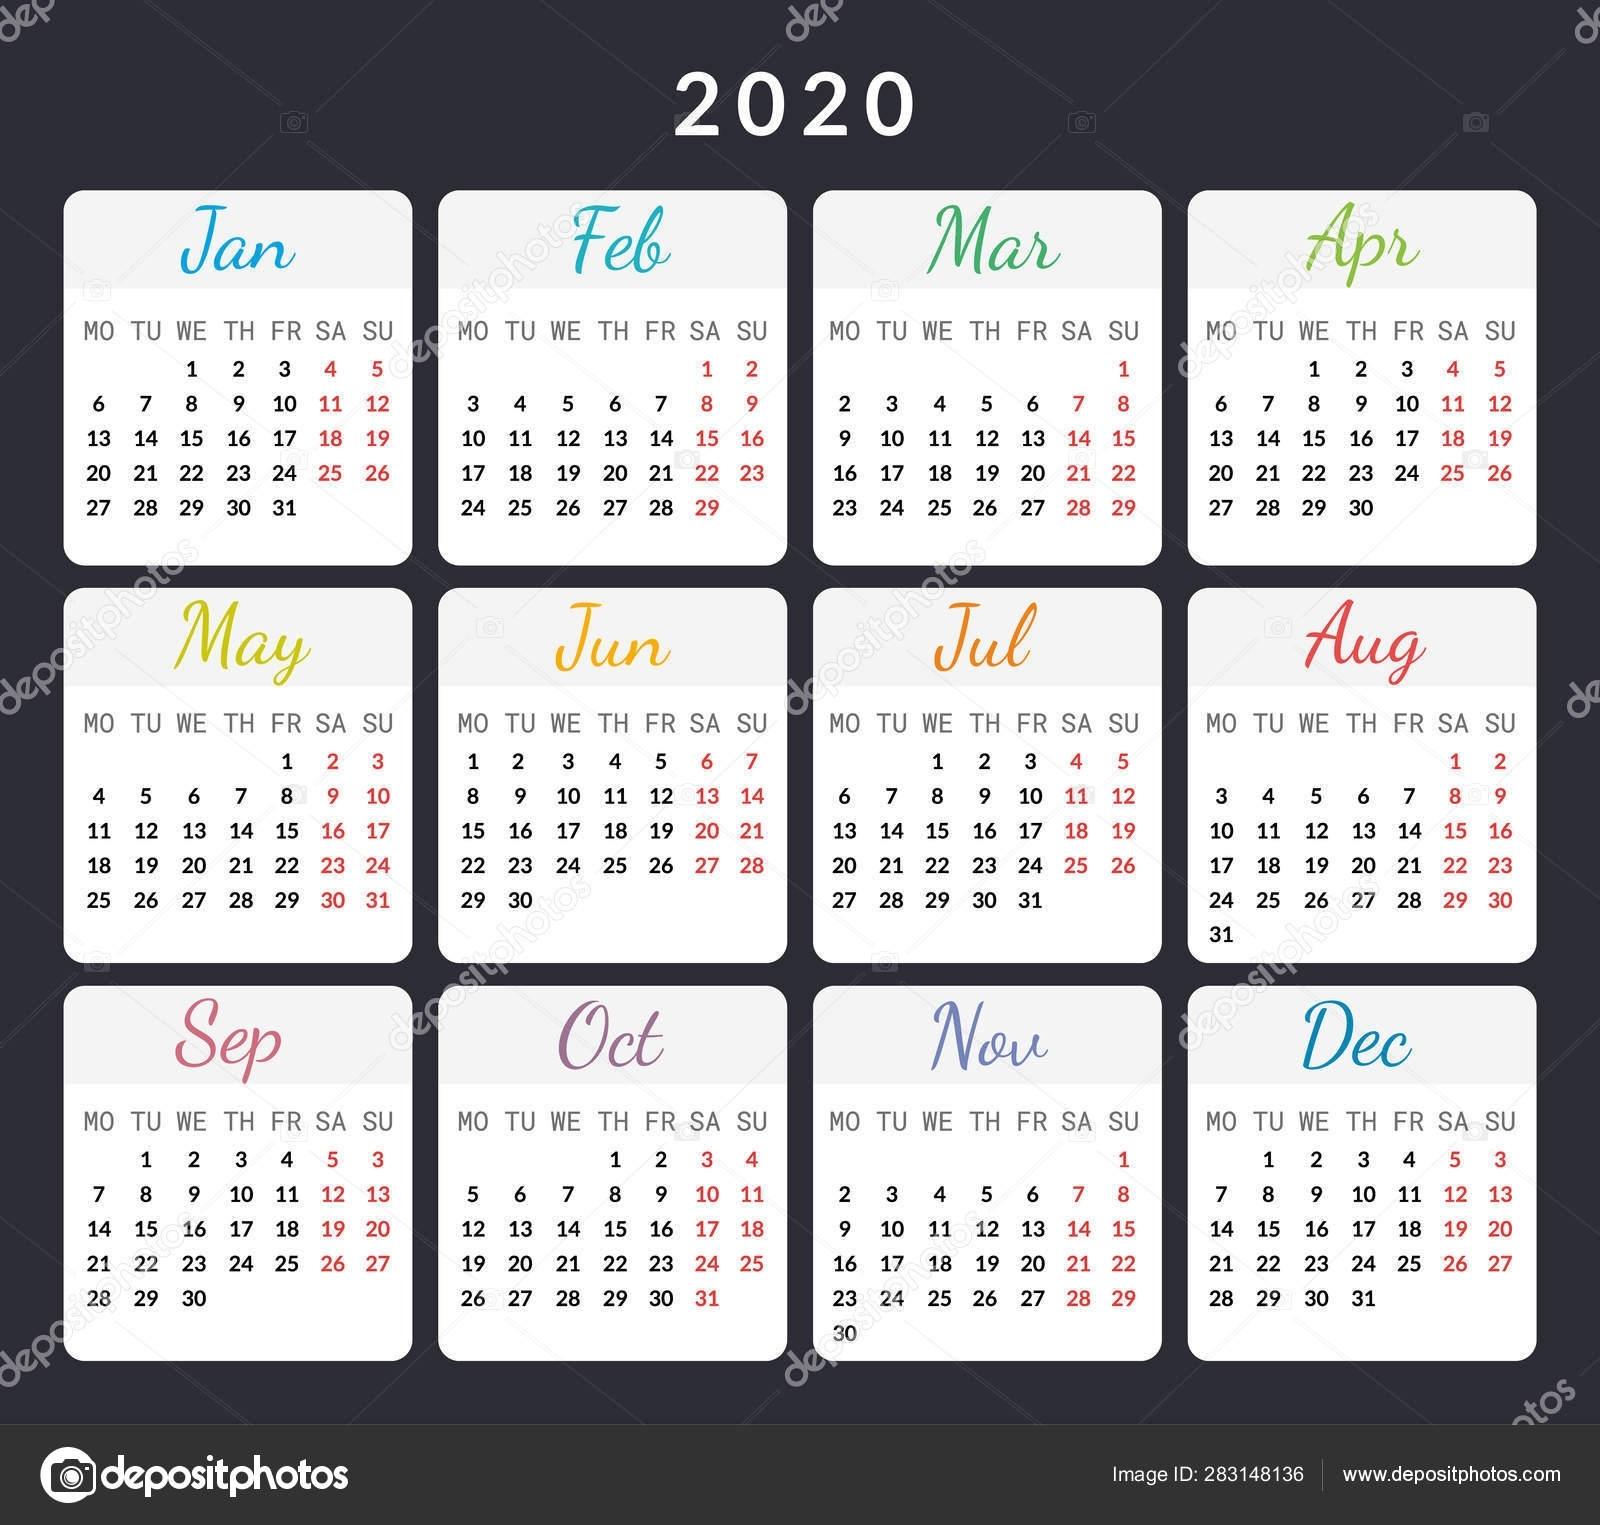 Calendar 2020 Special Days | Month Calendar Printable